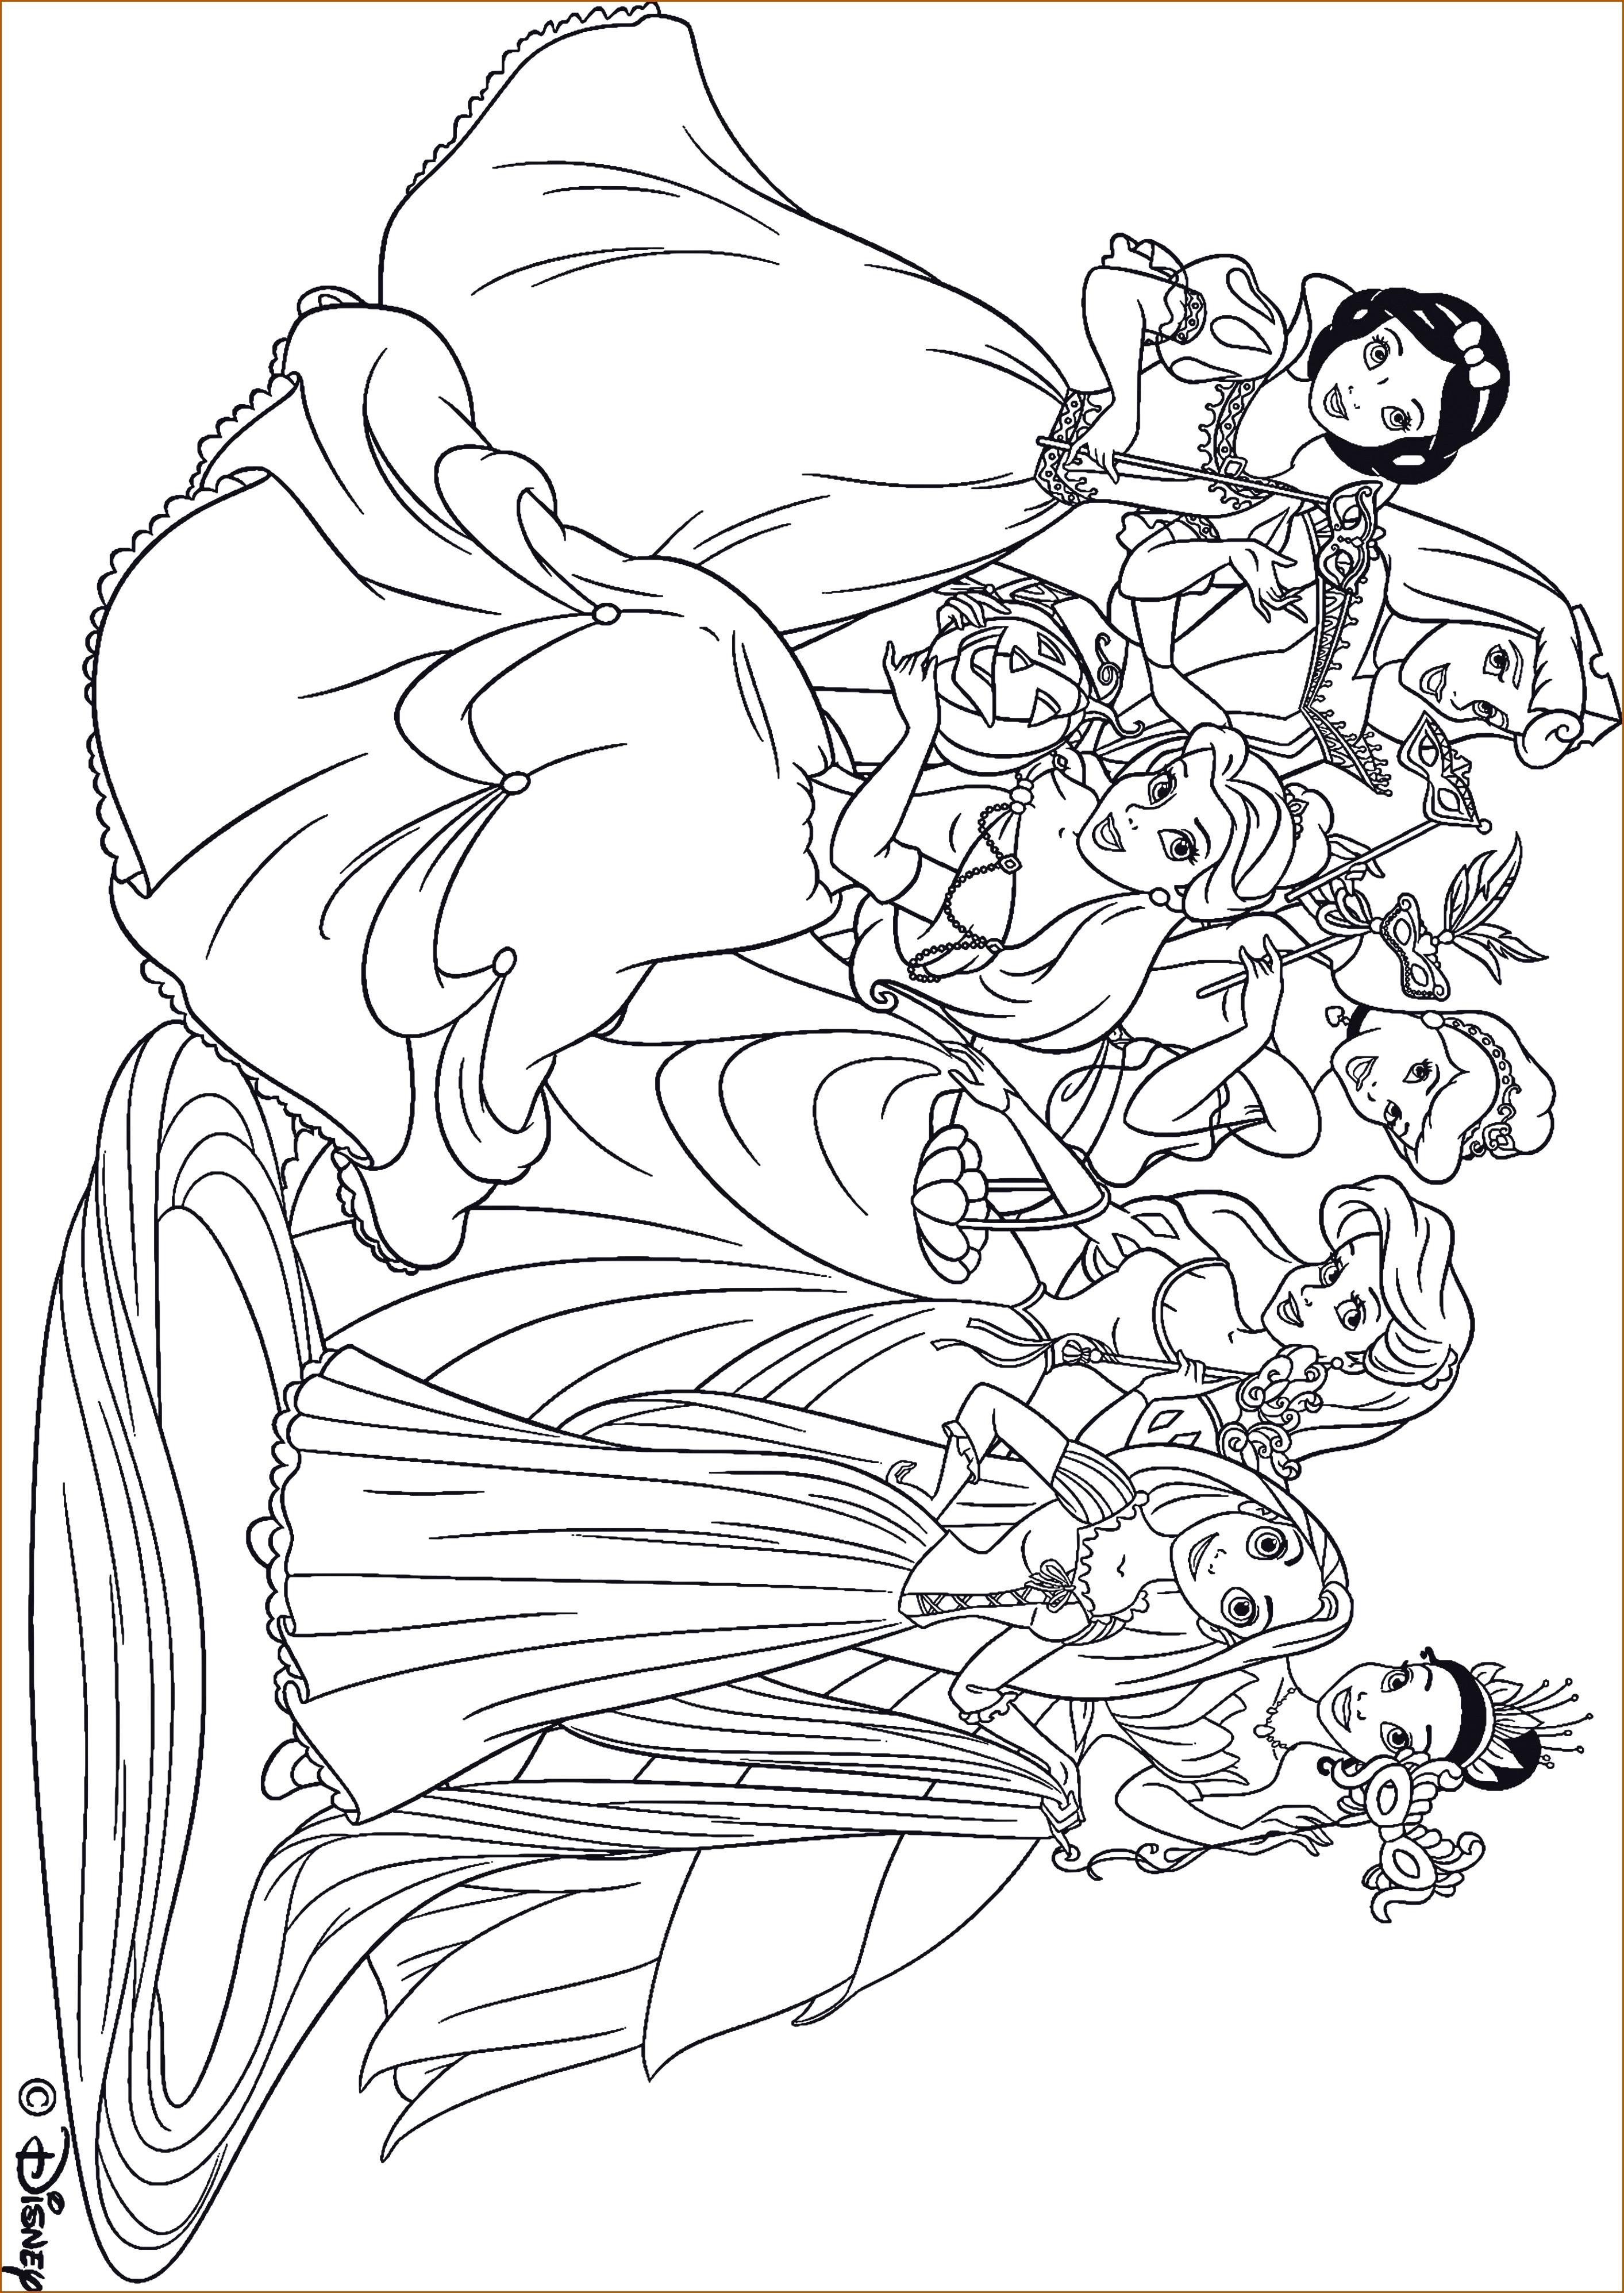 Ausmalbilder Drachen Neu 6 Druckbare Malvorlagen Drachen Vorlagen123 Vorlagen123 Bild